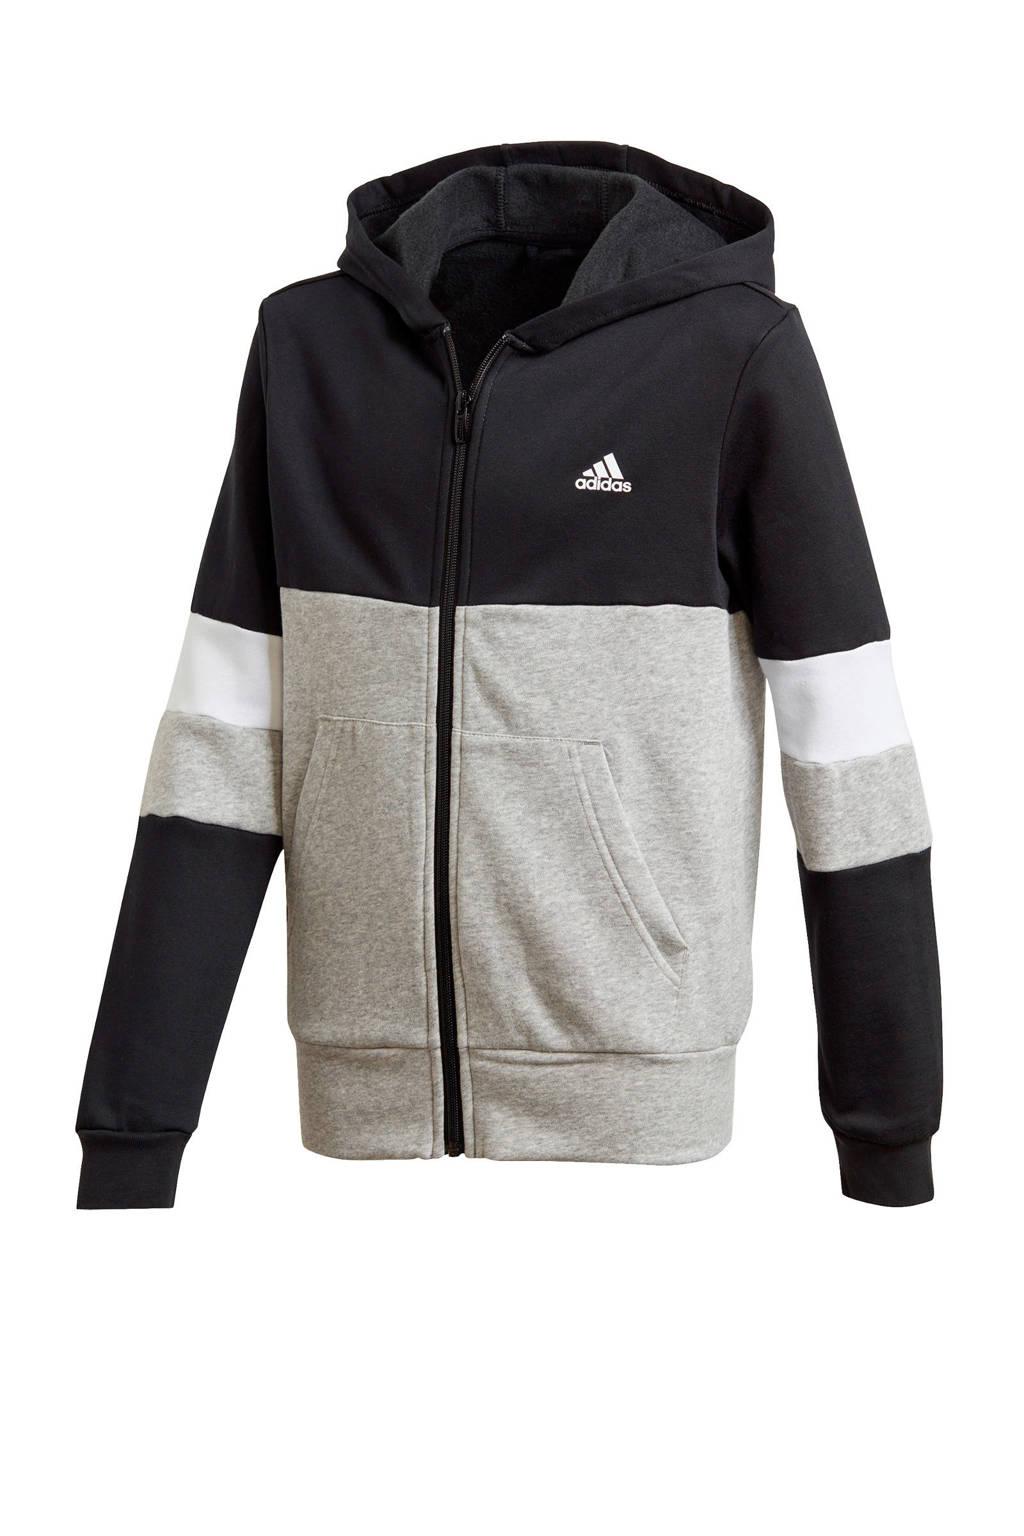 adidas Performance   sportvest zwart/grijs, Zwart/grijs